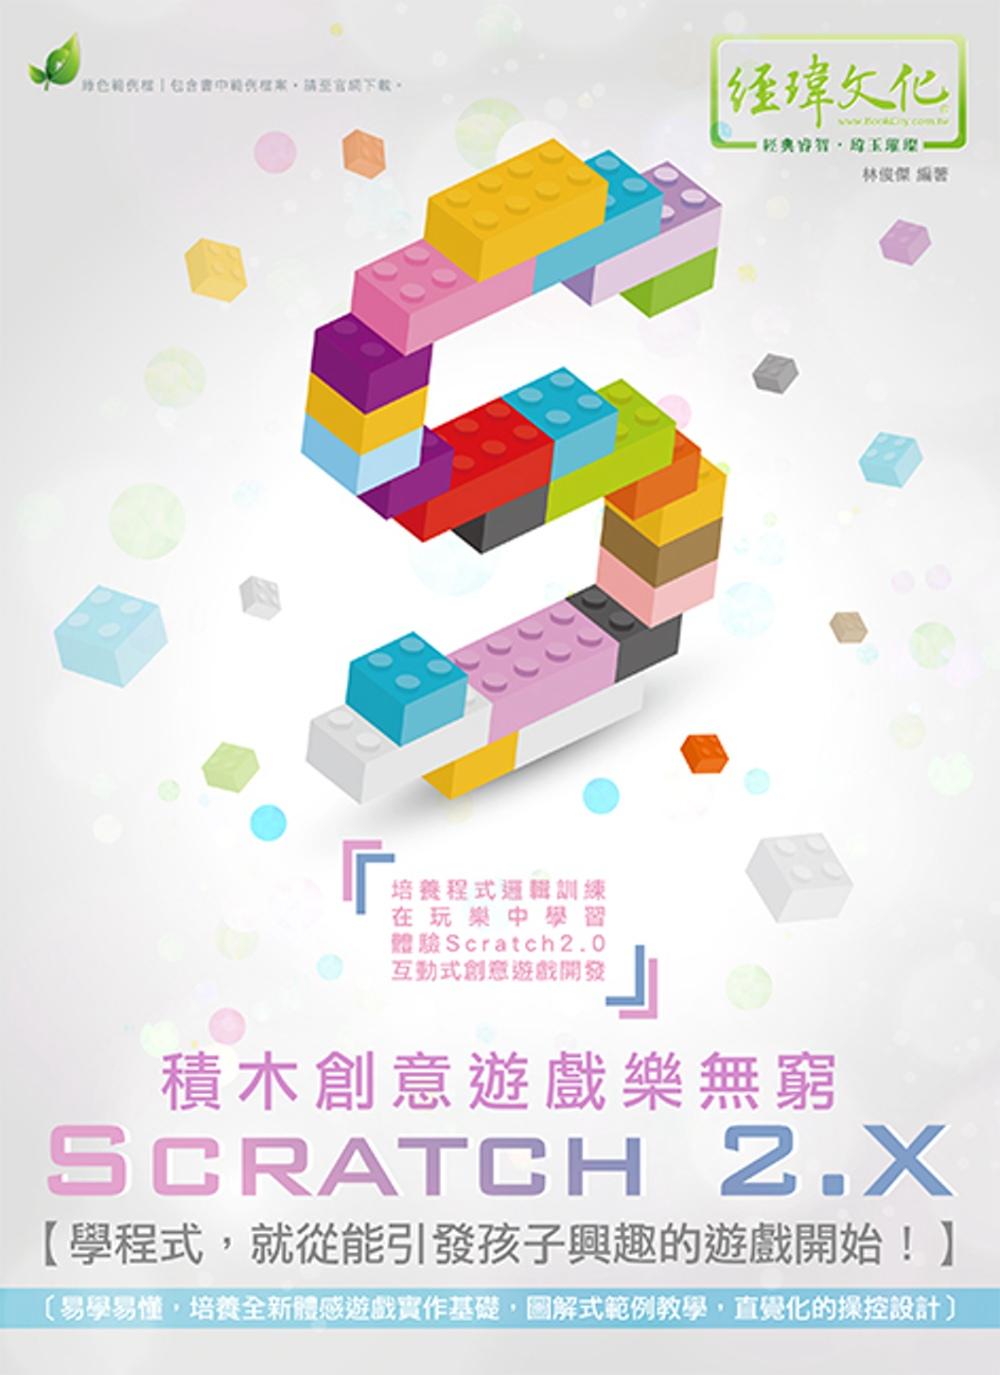 Scratch 2.X 積木 遊戲樂無窮 附綠色範例檔